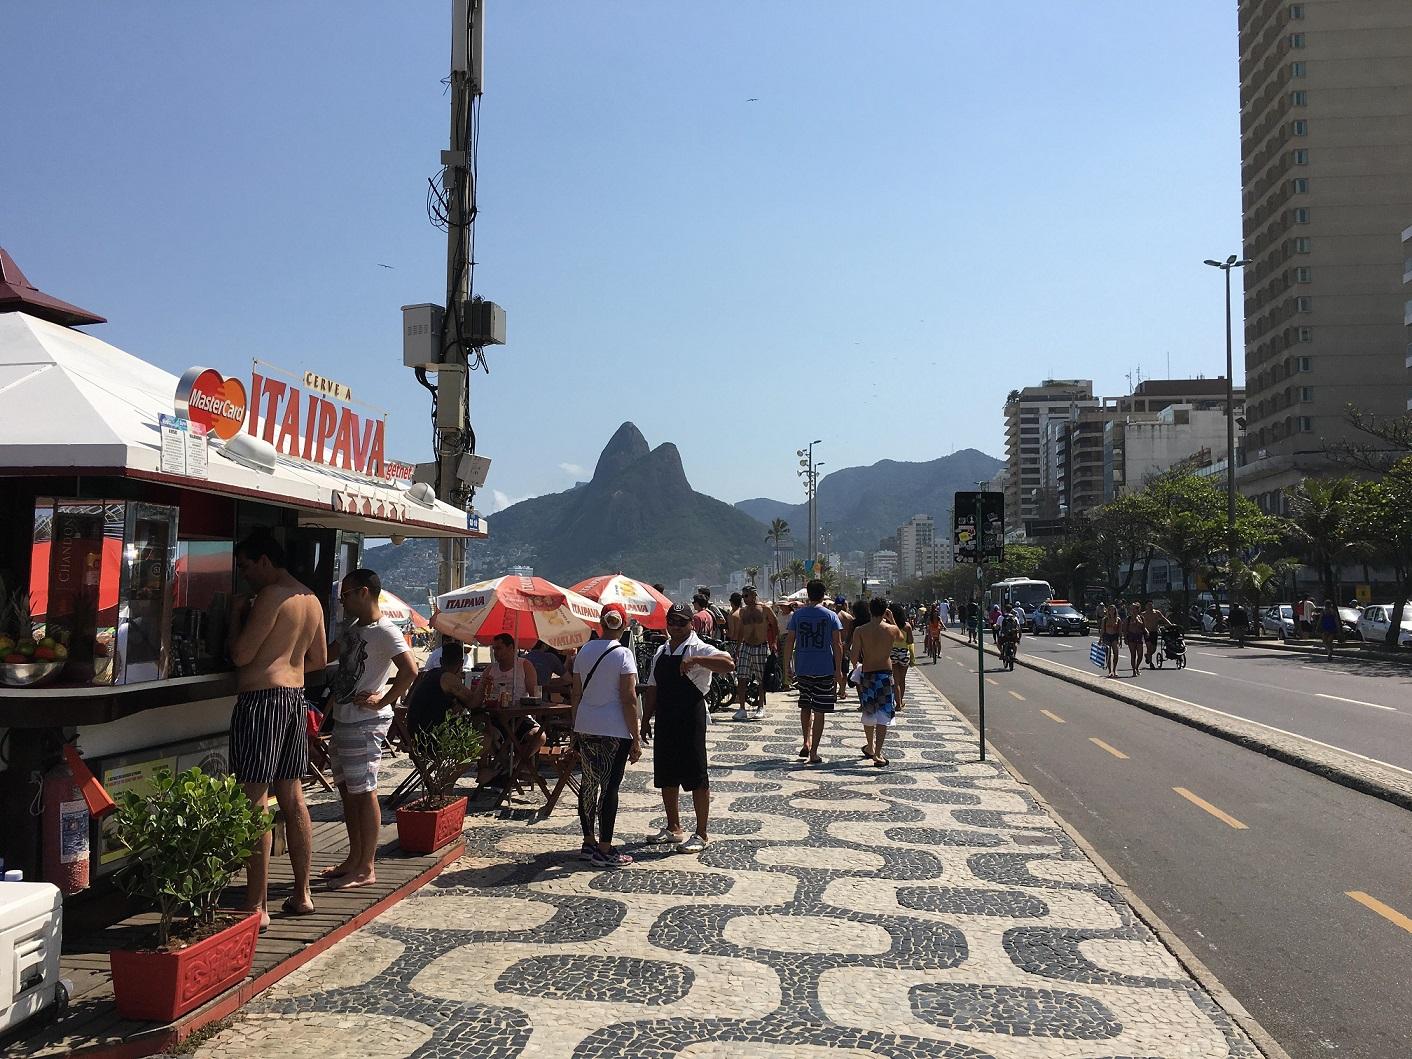 リオの象徴でもある石畳の海岸通りは車いすユーザーには不便だったかも!?